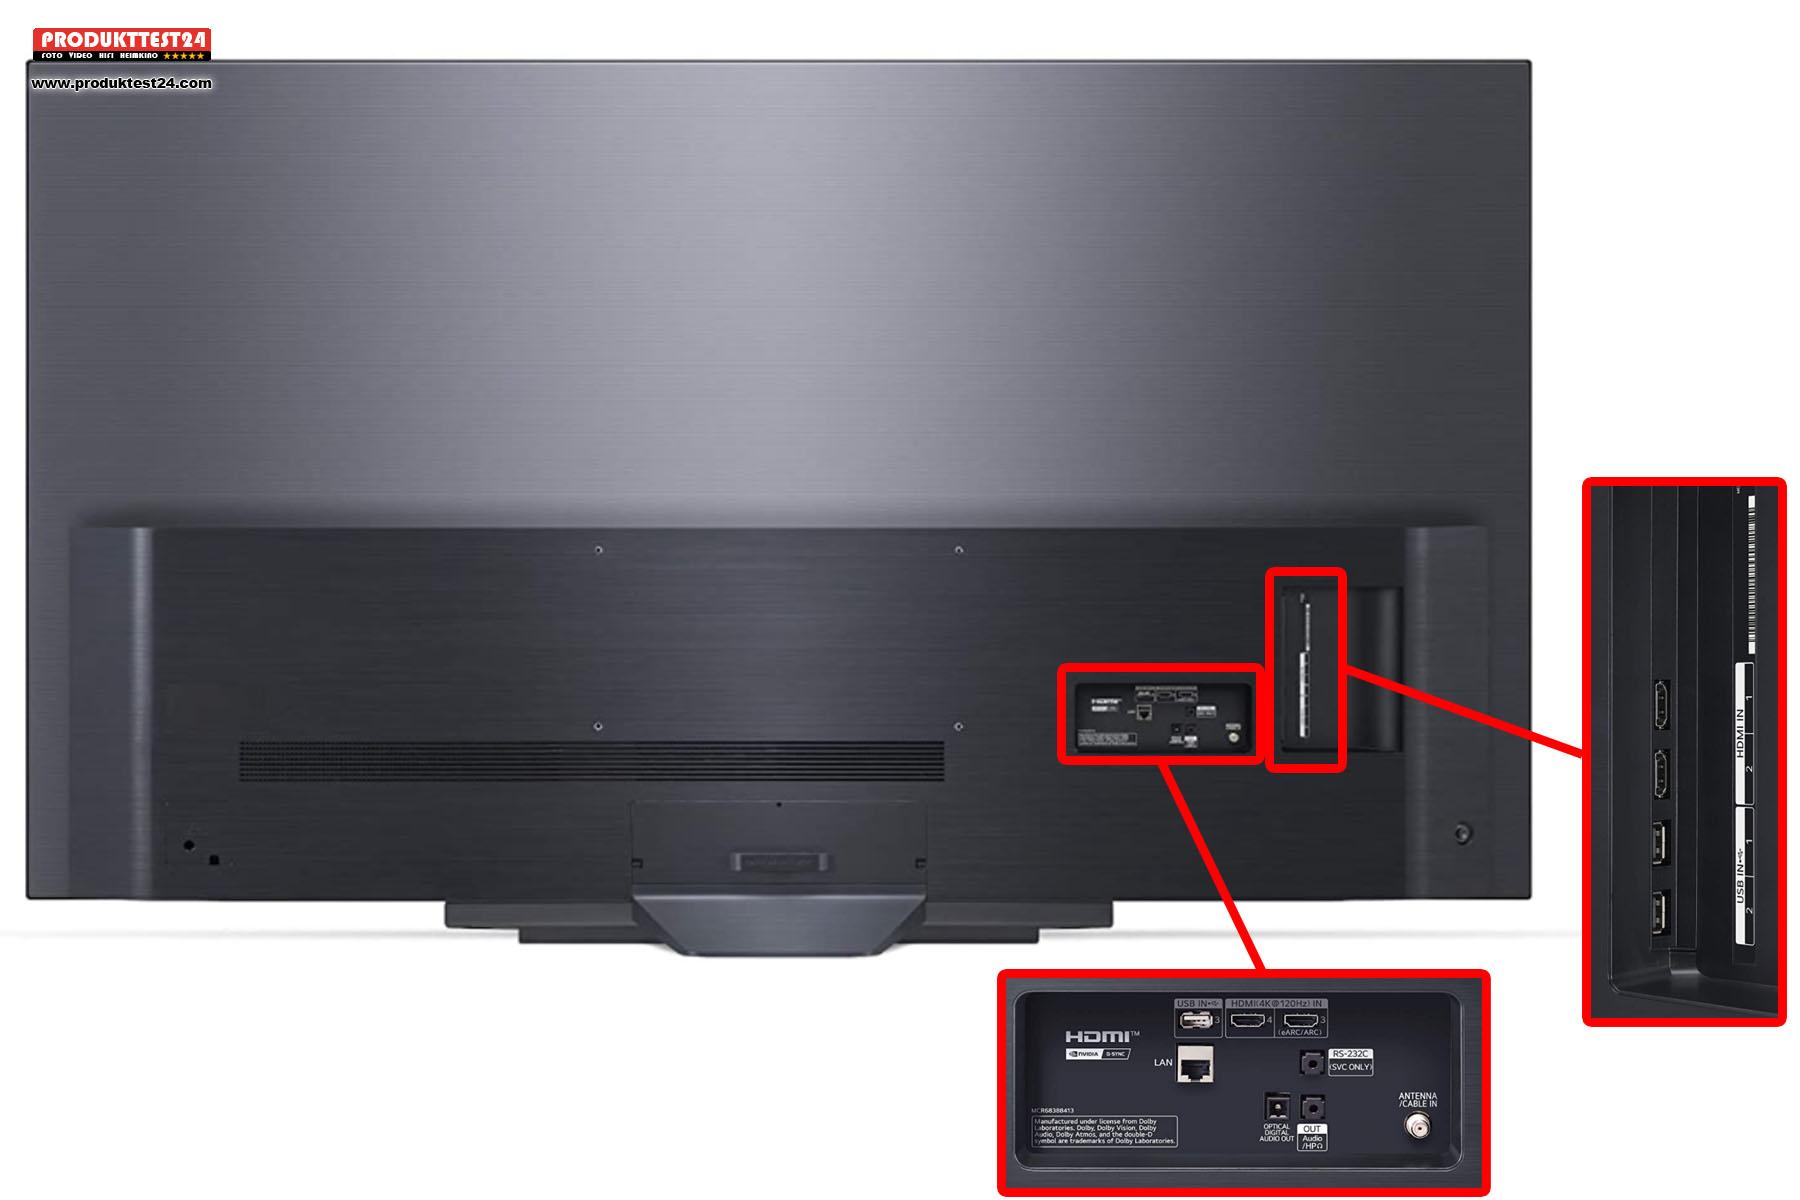 Der LG OLED77B19LA besitzt 2x HDMI 2.1 und 2x HDMI 2.0 Anschlüsse